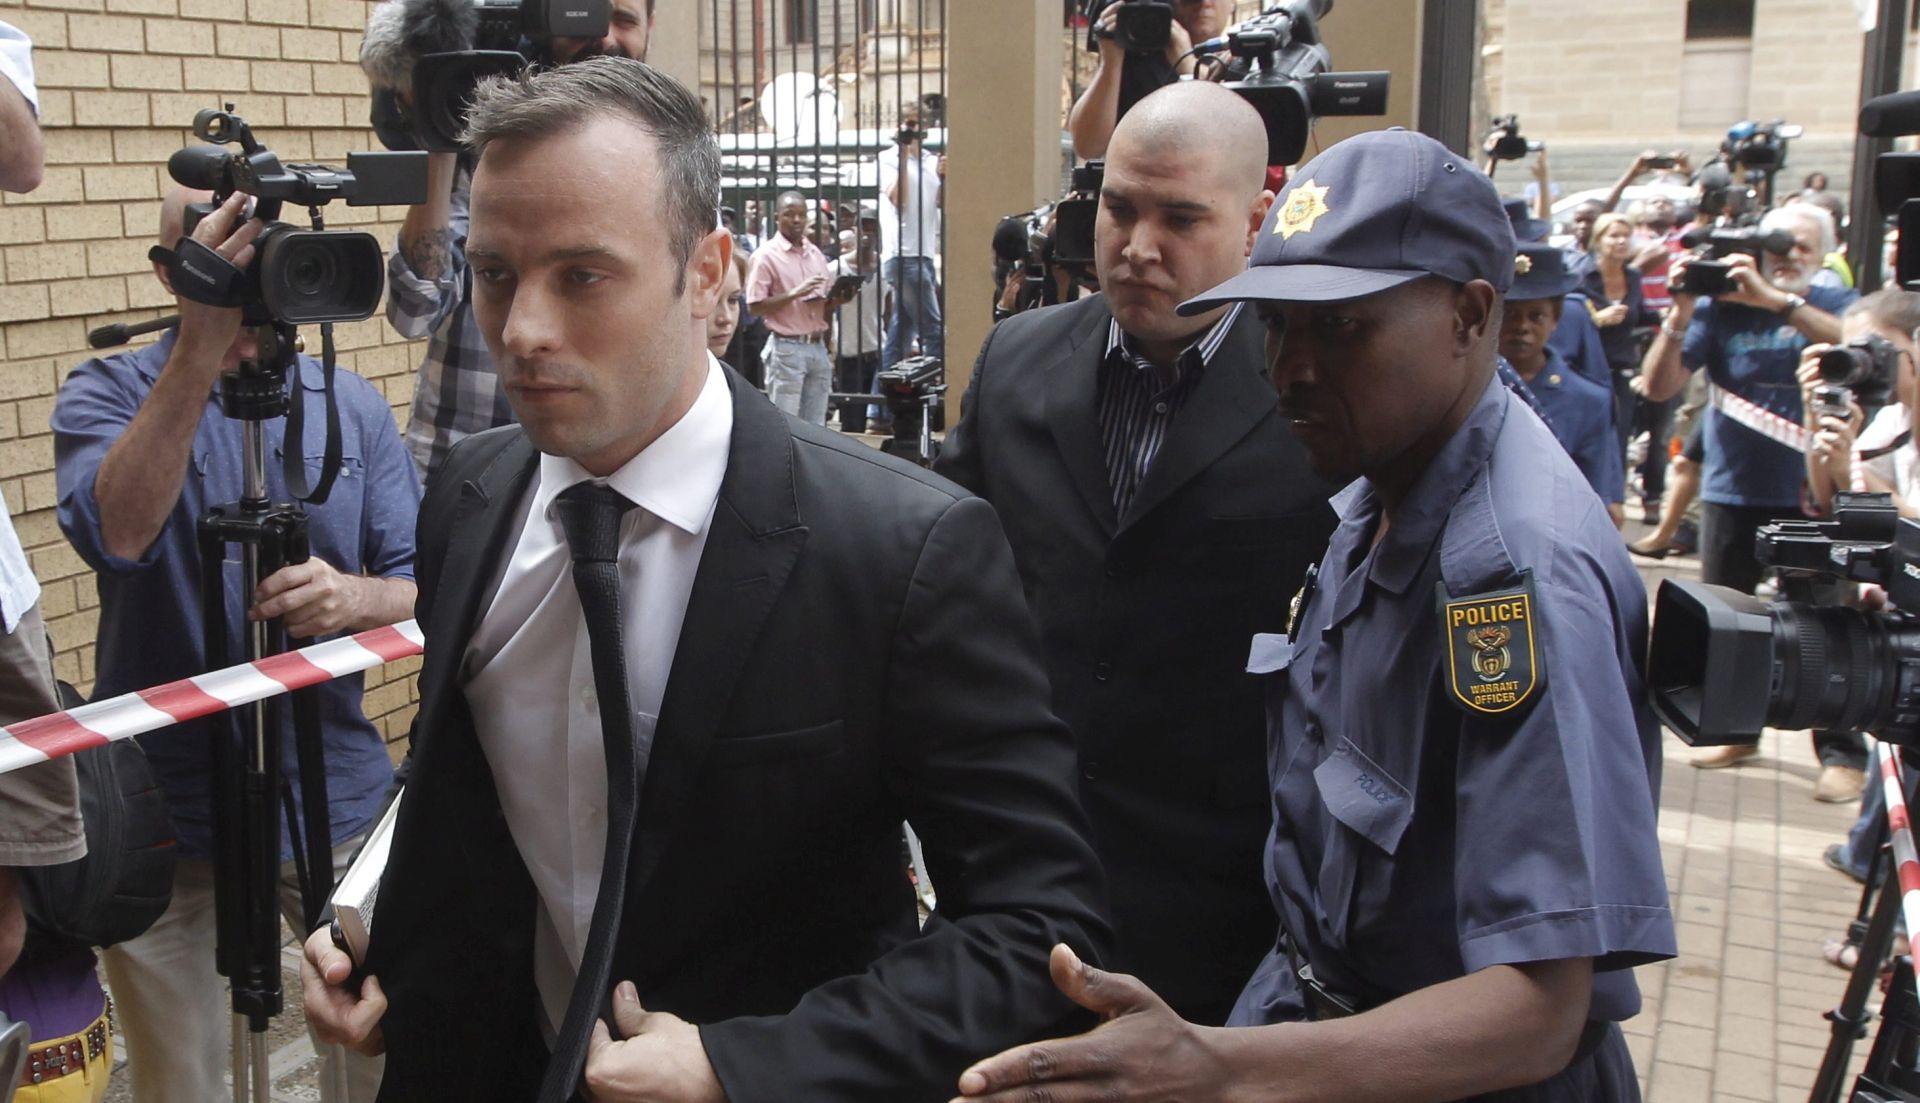 Sud Pistoriusu odobrio puštanje uz jamčevinu, on će se žaliti na presudu